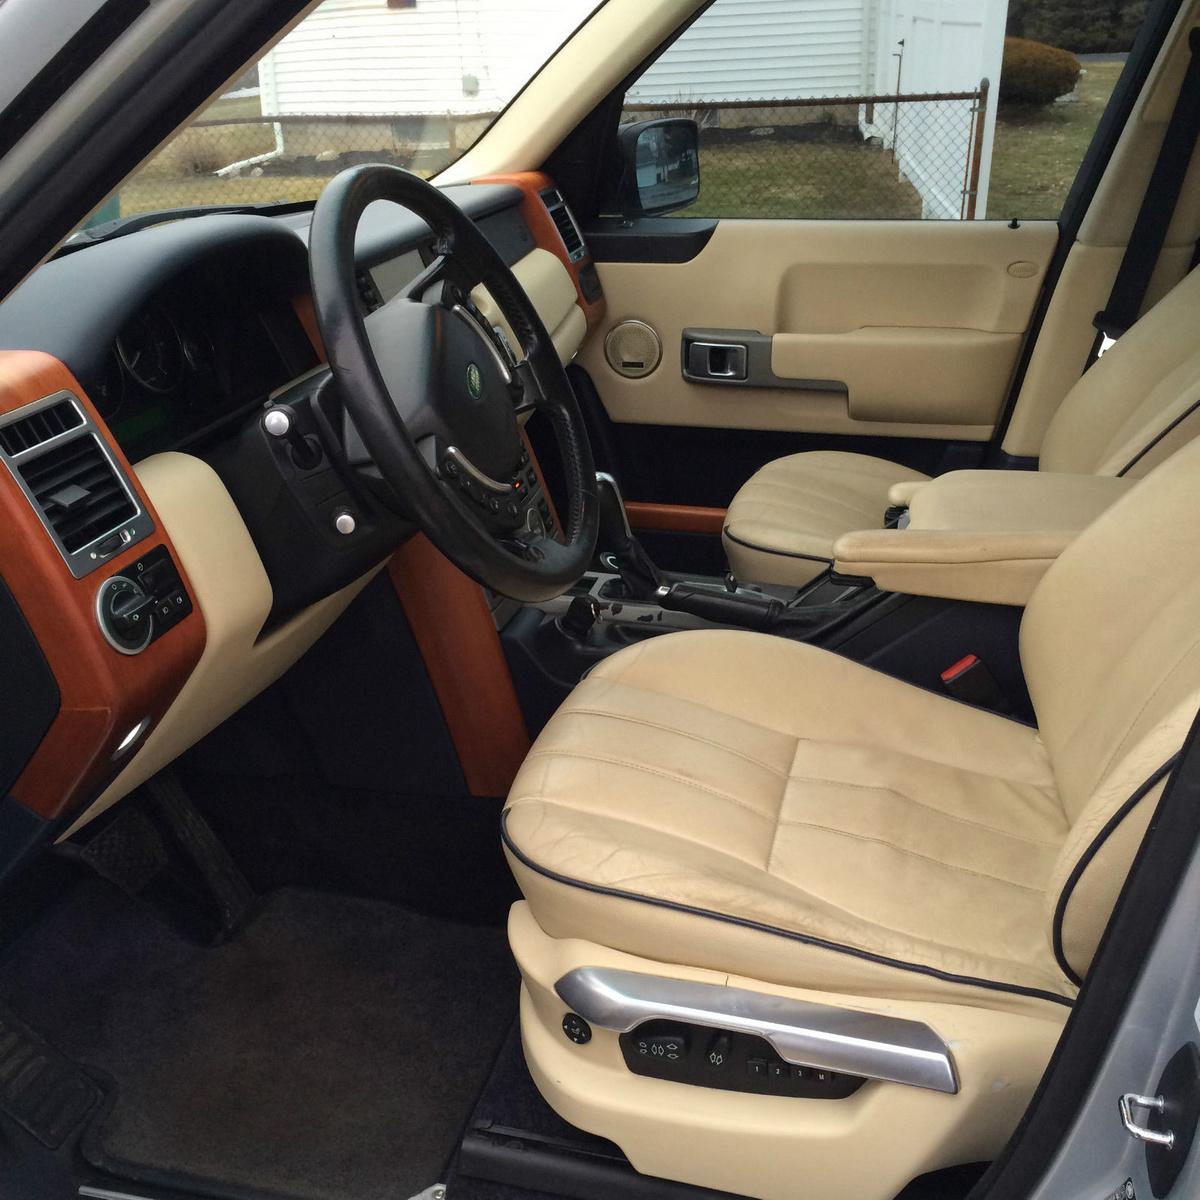 2003 Land Rover Range Rover Interior: 2006 Land Rover Range Rover